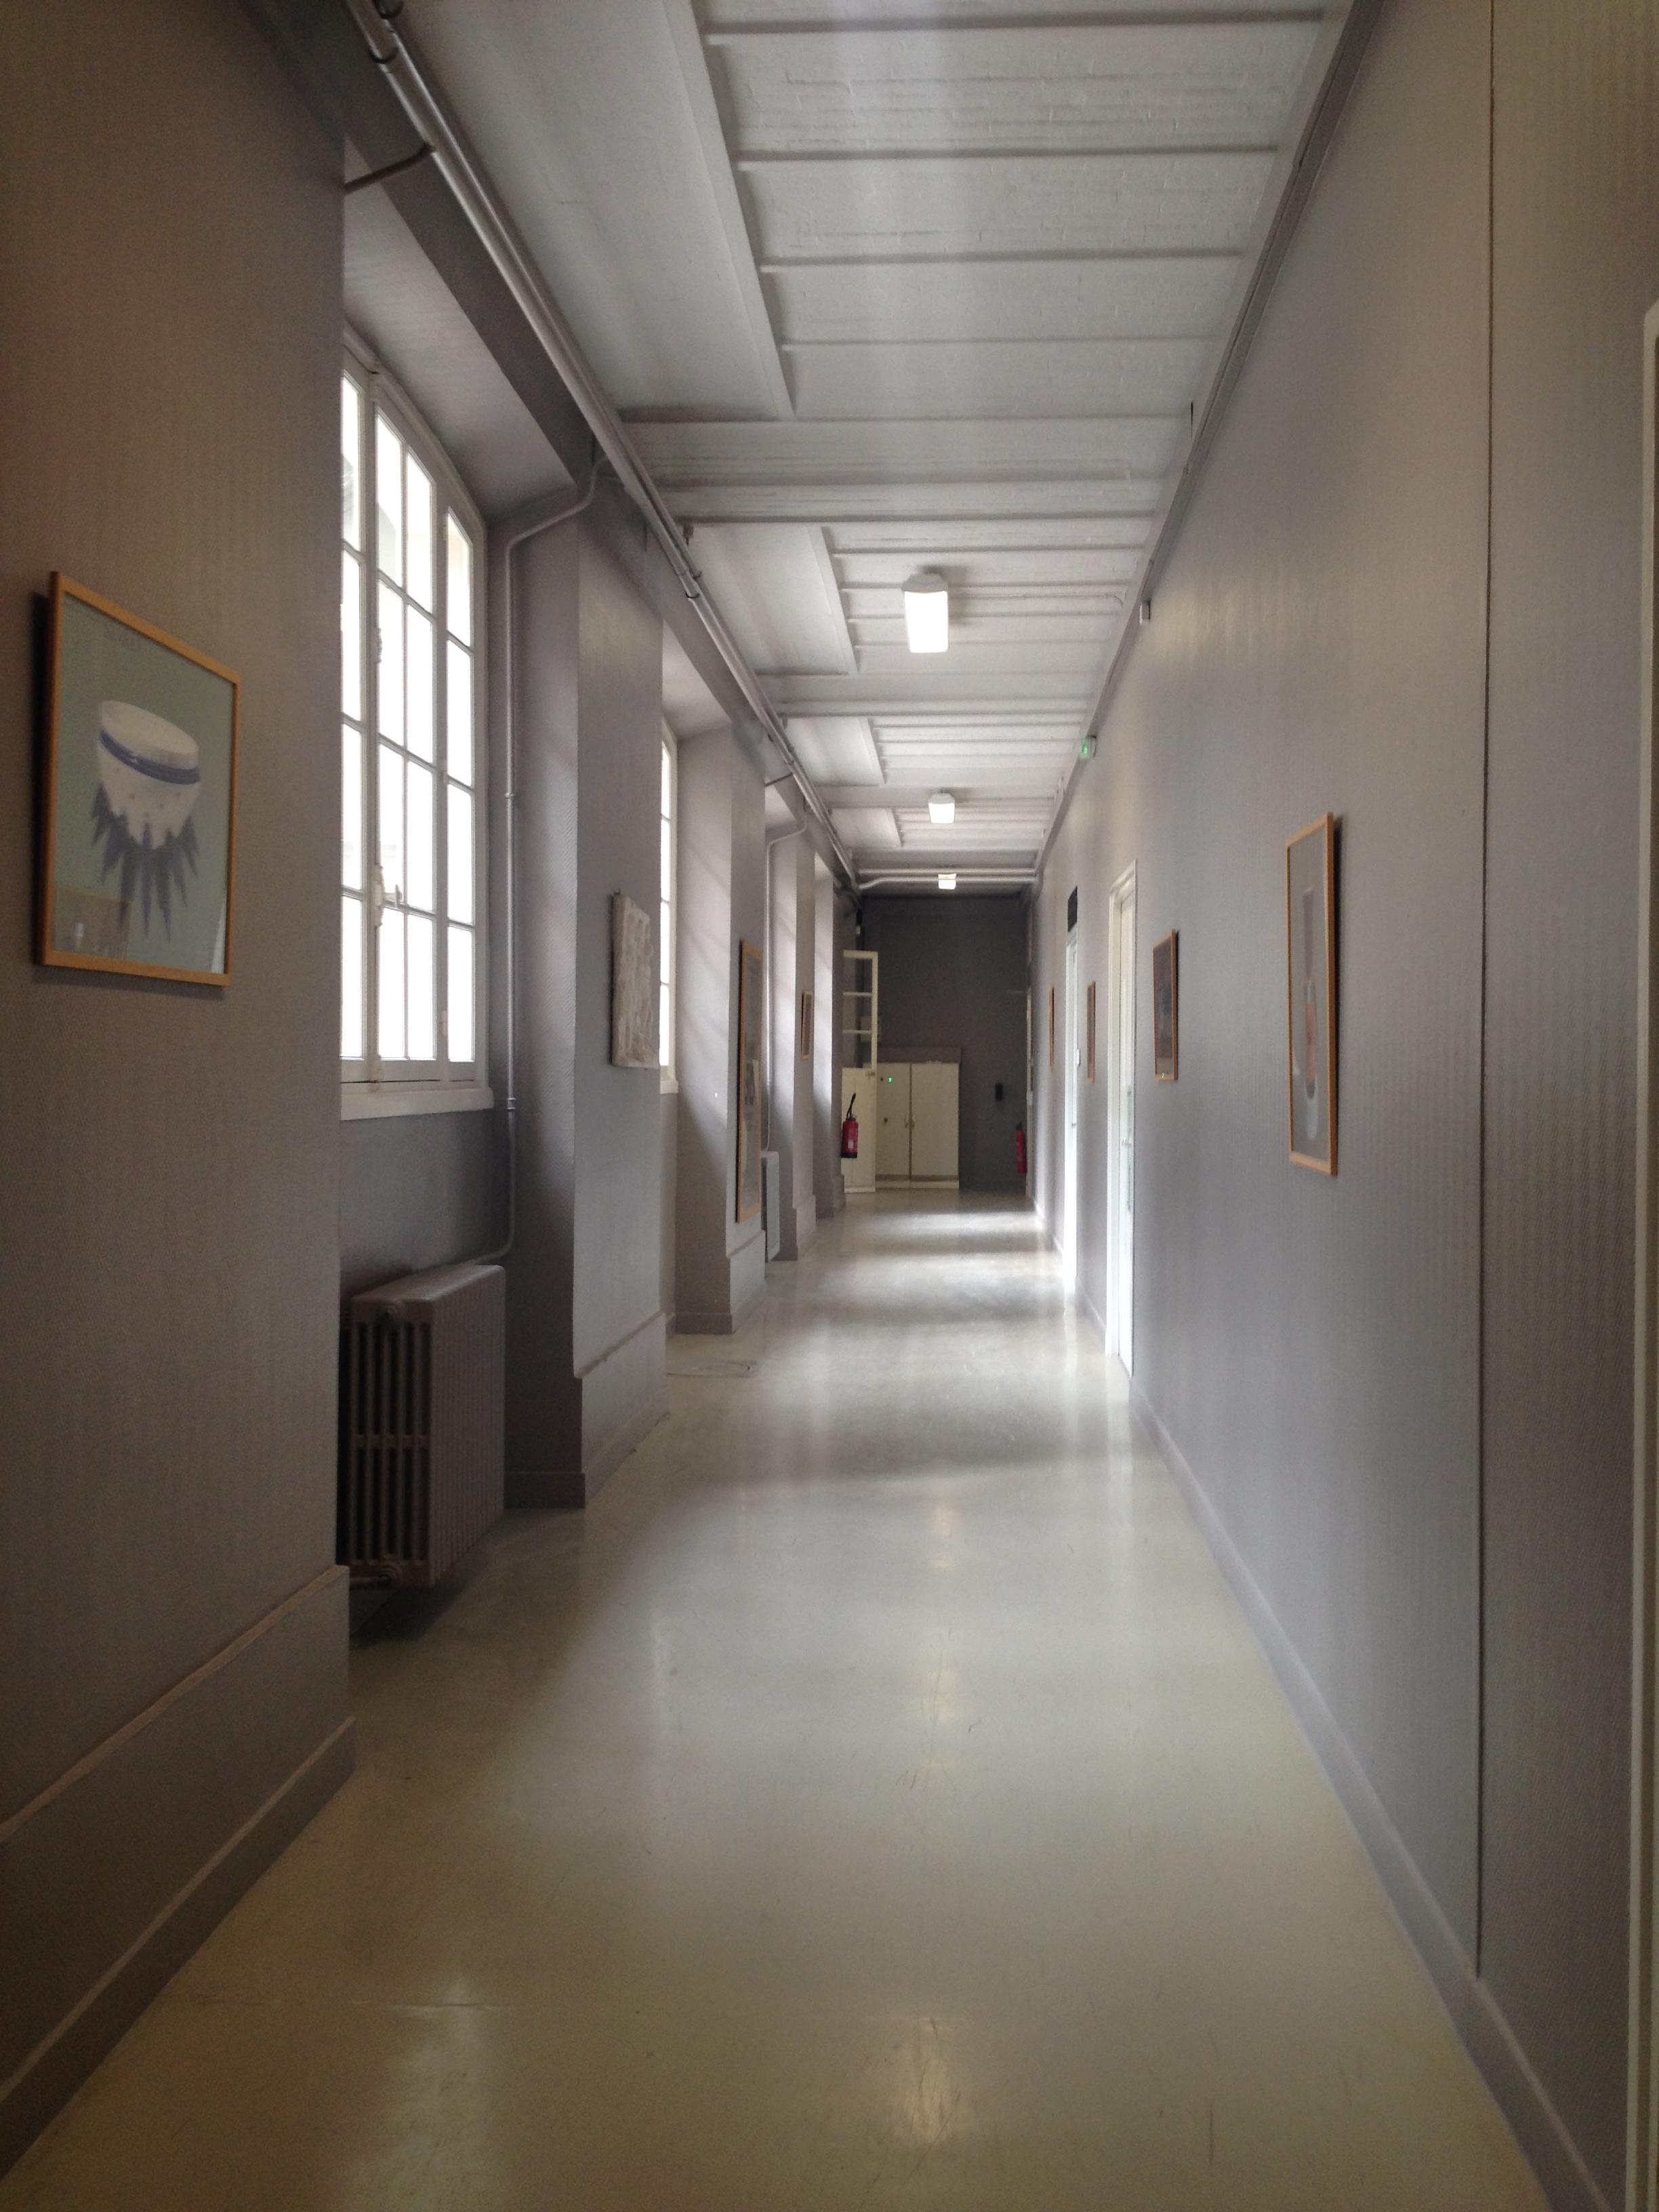 Sèvres-Cité de la Céramique - Couloir Gris | Film France